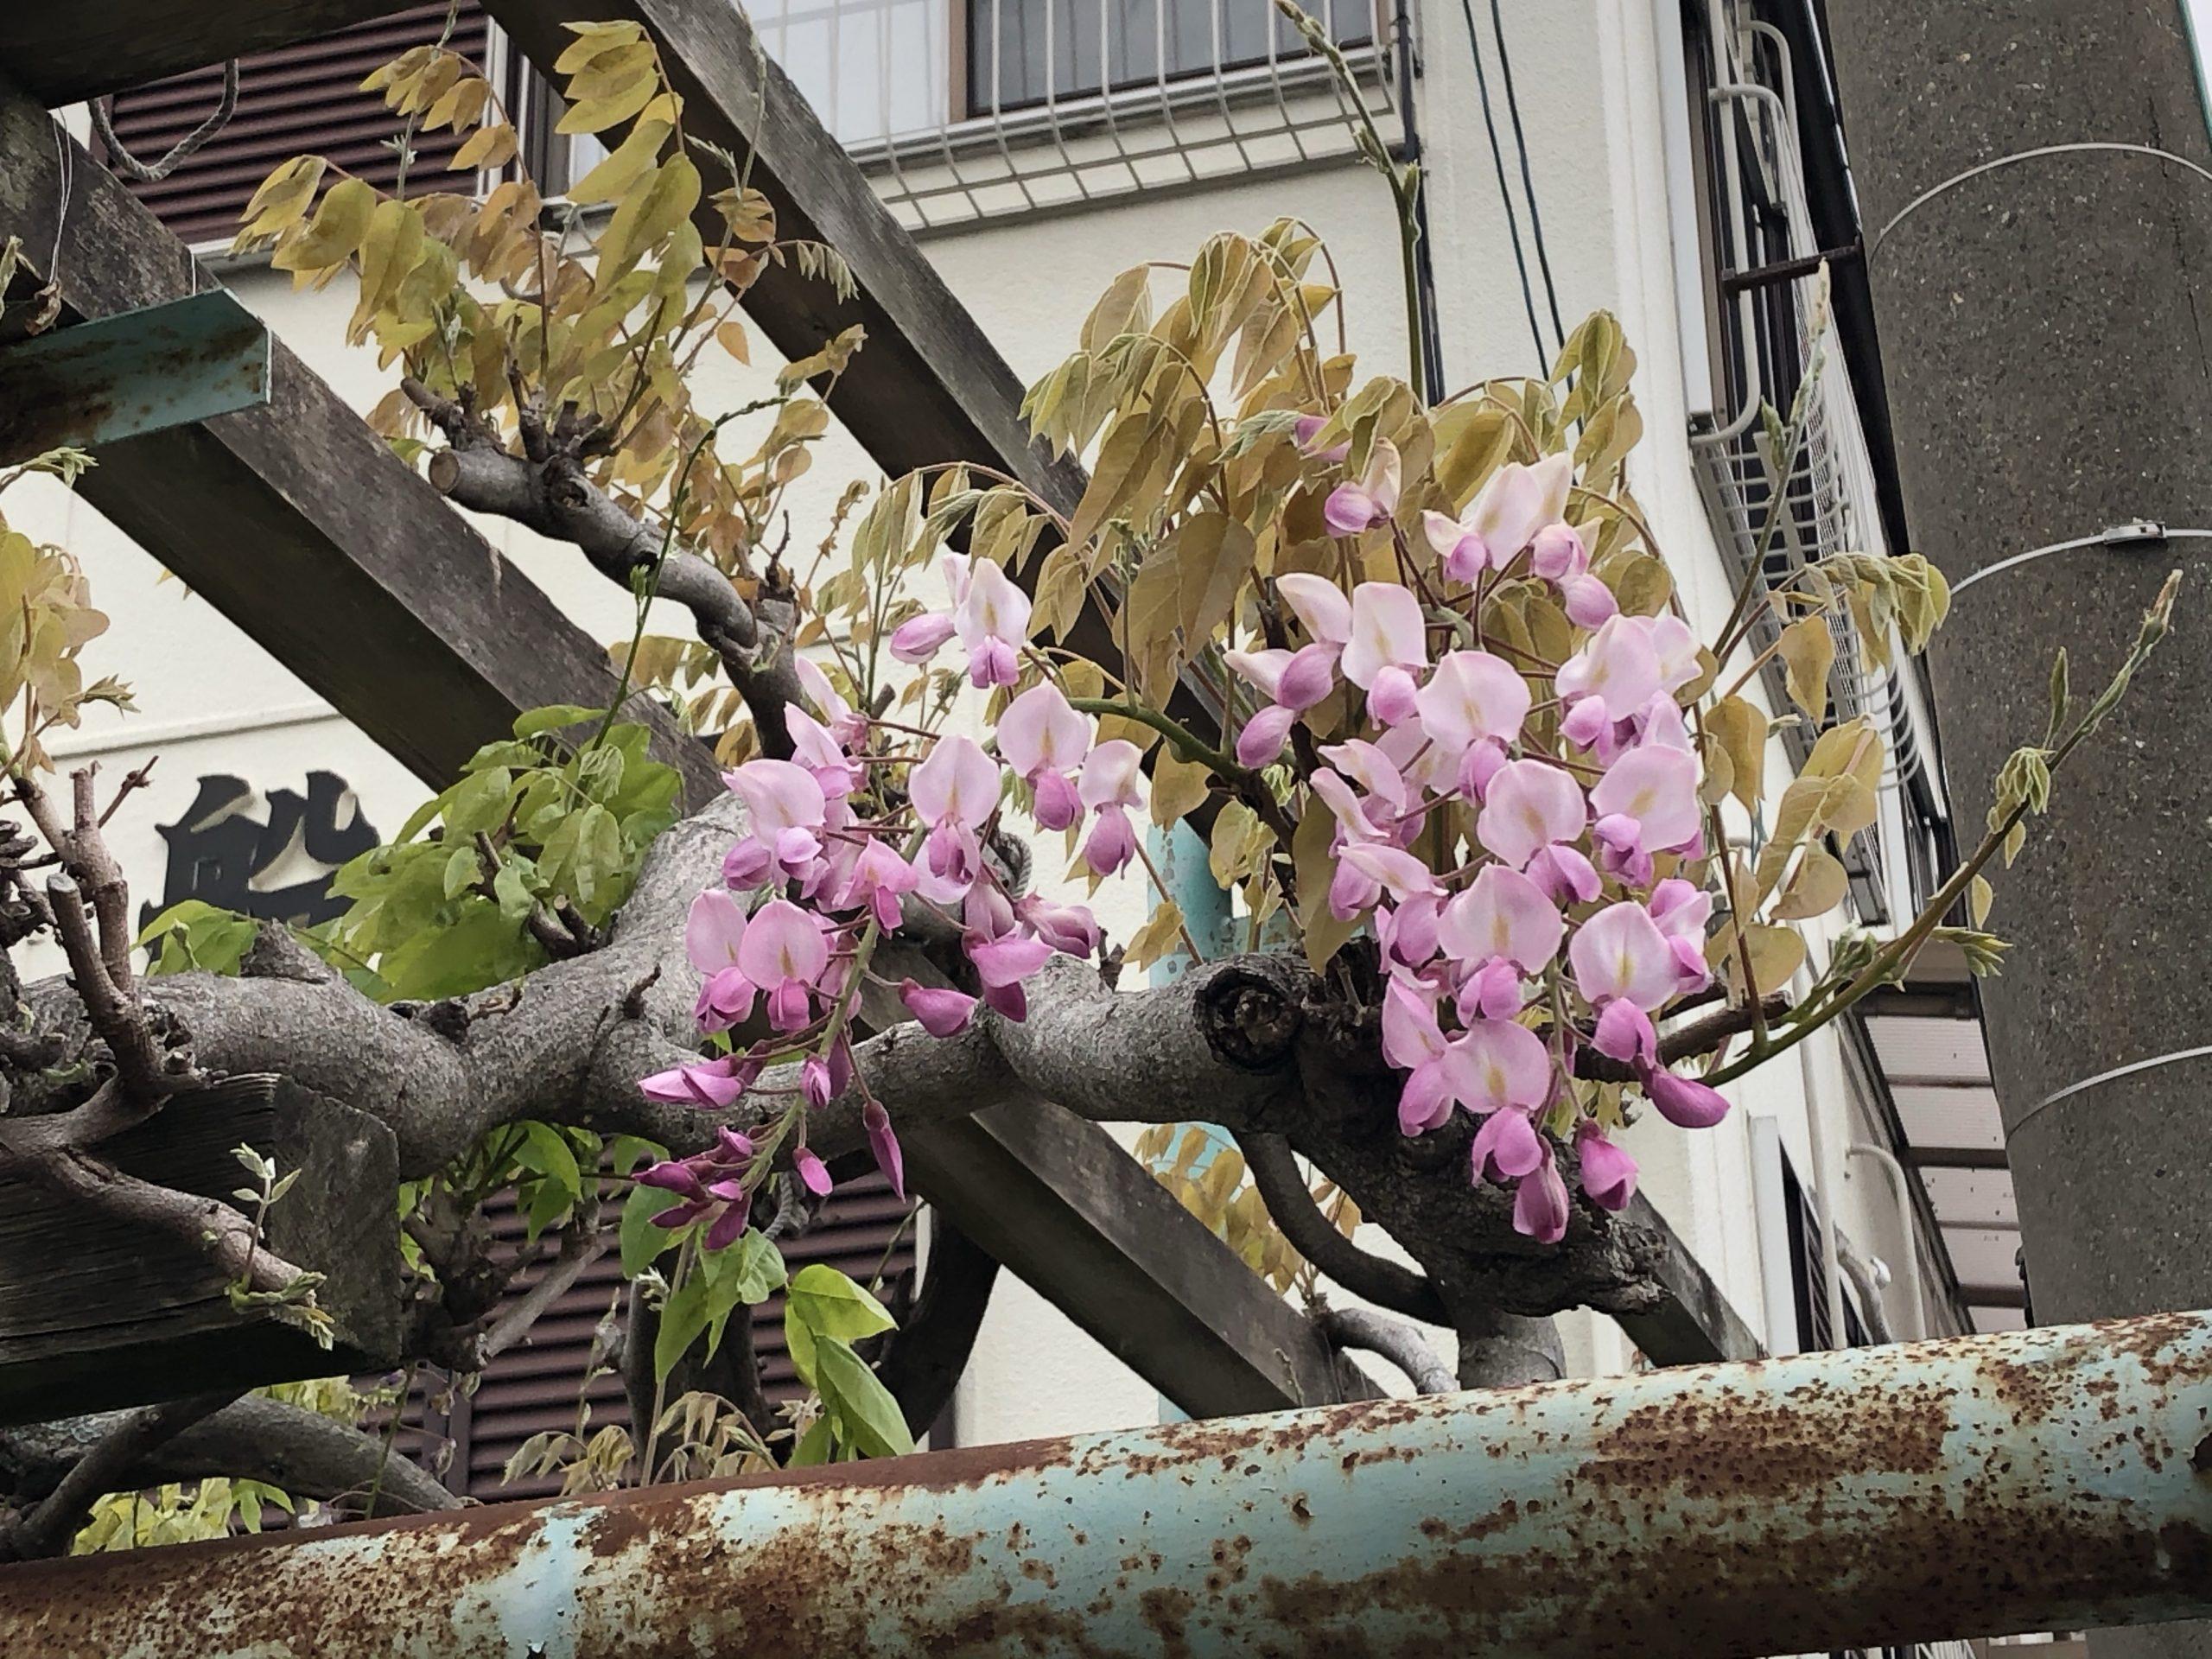 クロダイが釣れませが、バラシが何回かあり-_-bサムネイル